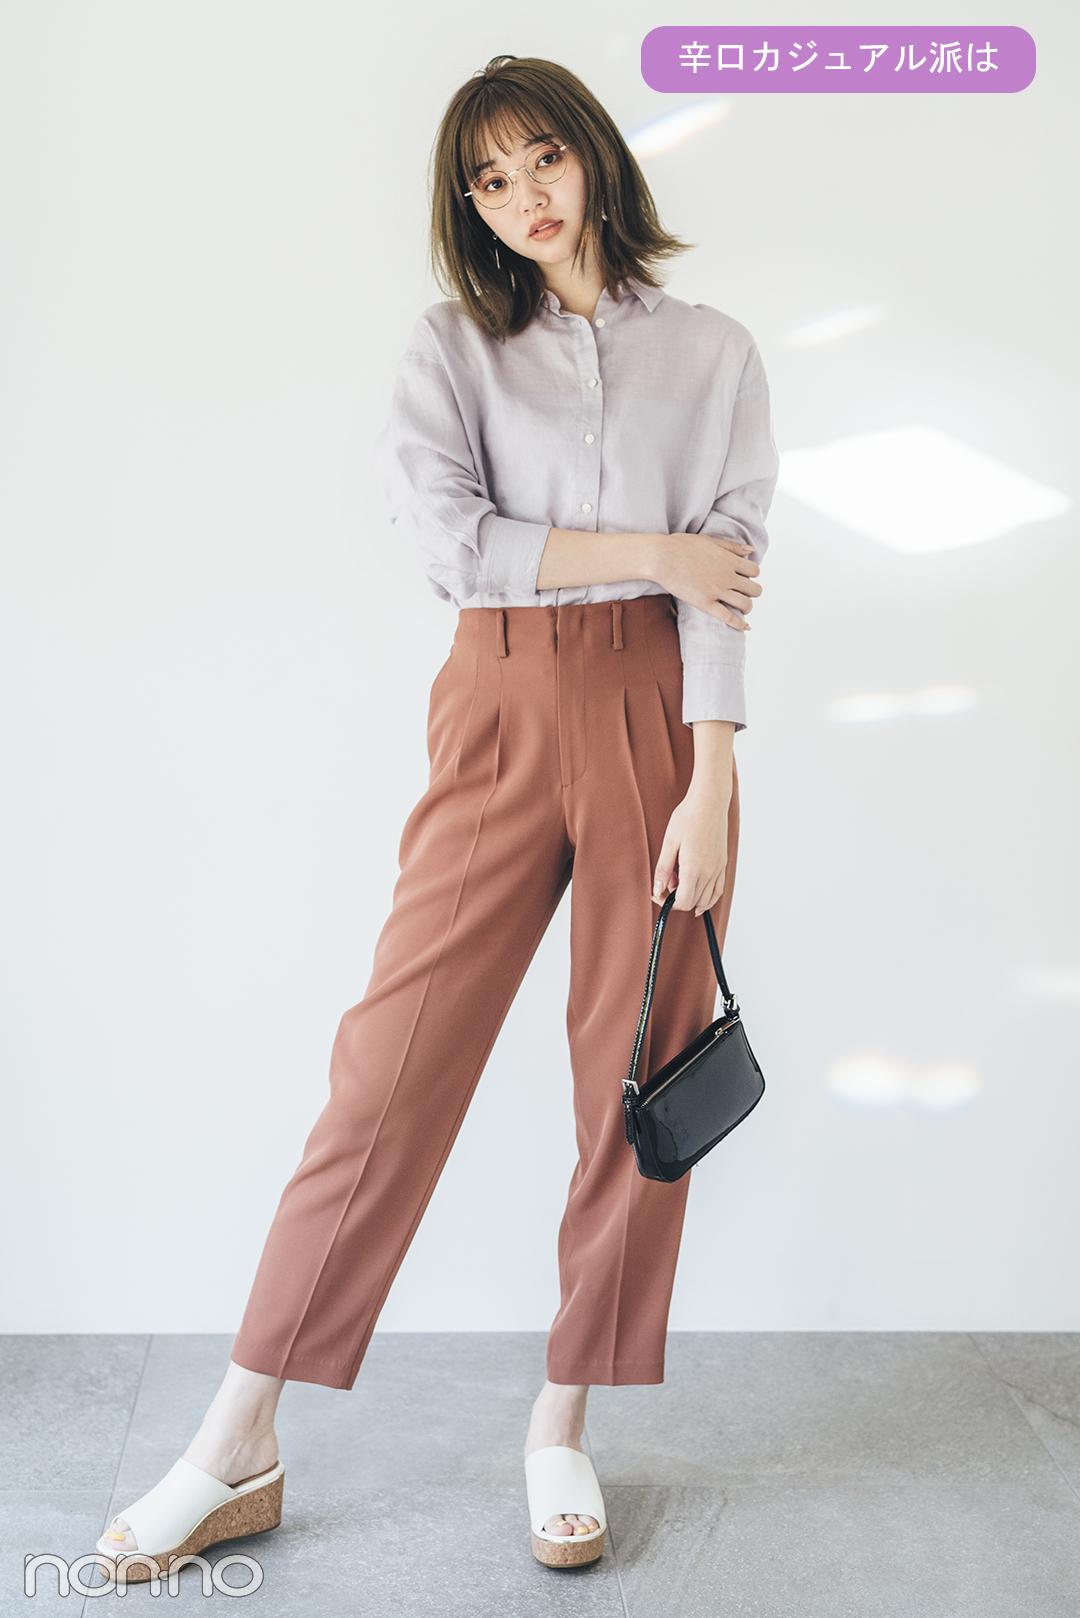 ITEM2 上質で清涼感のある カラーリネンシャツ 辛口カジュアル派は 江野澤愛美